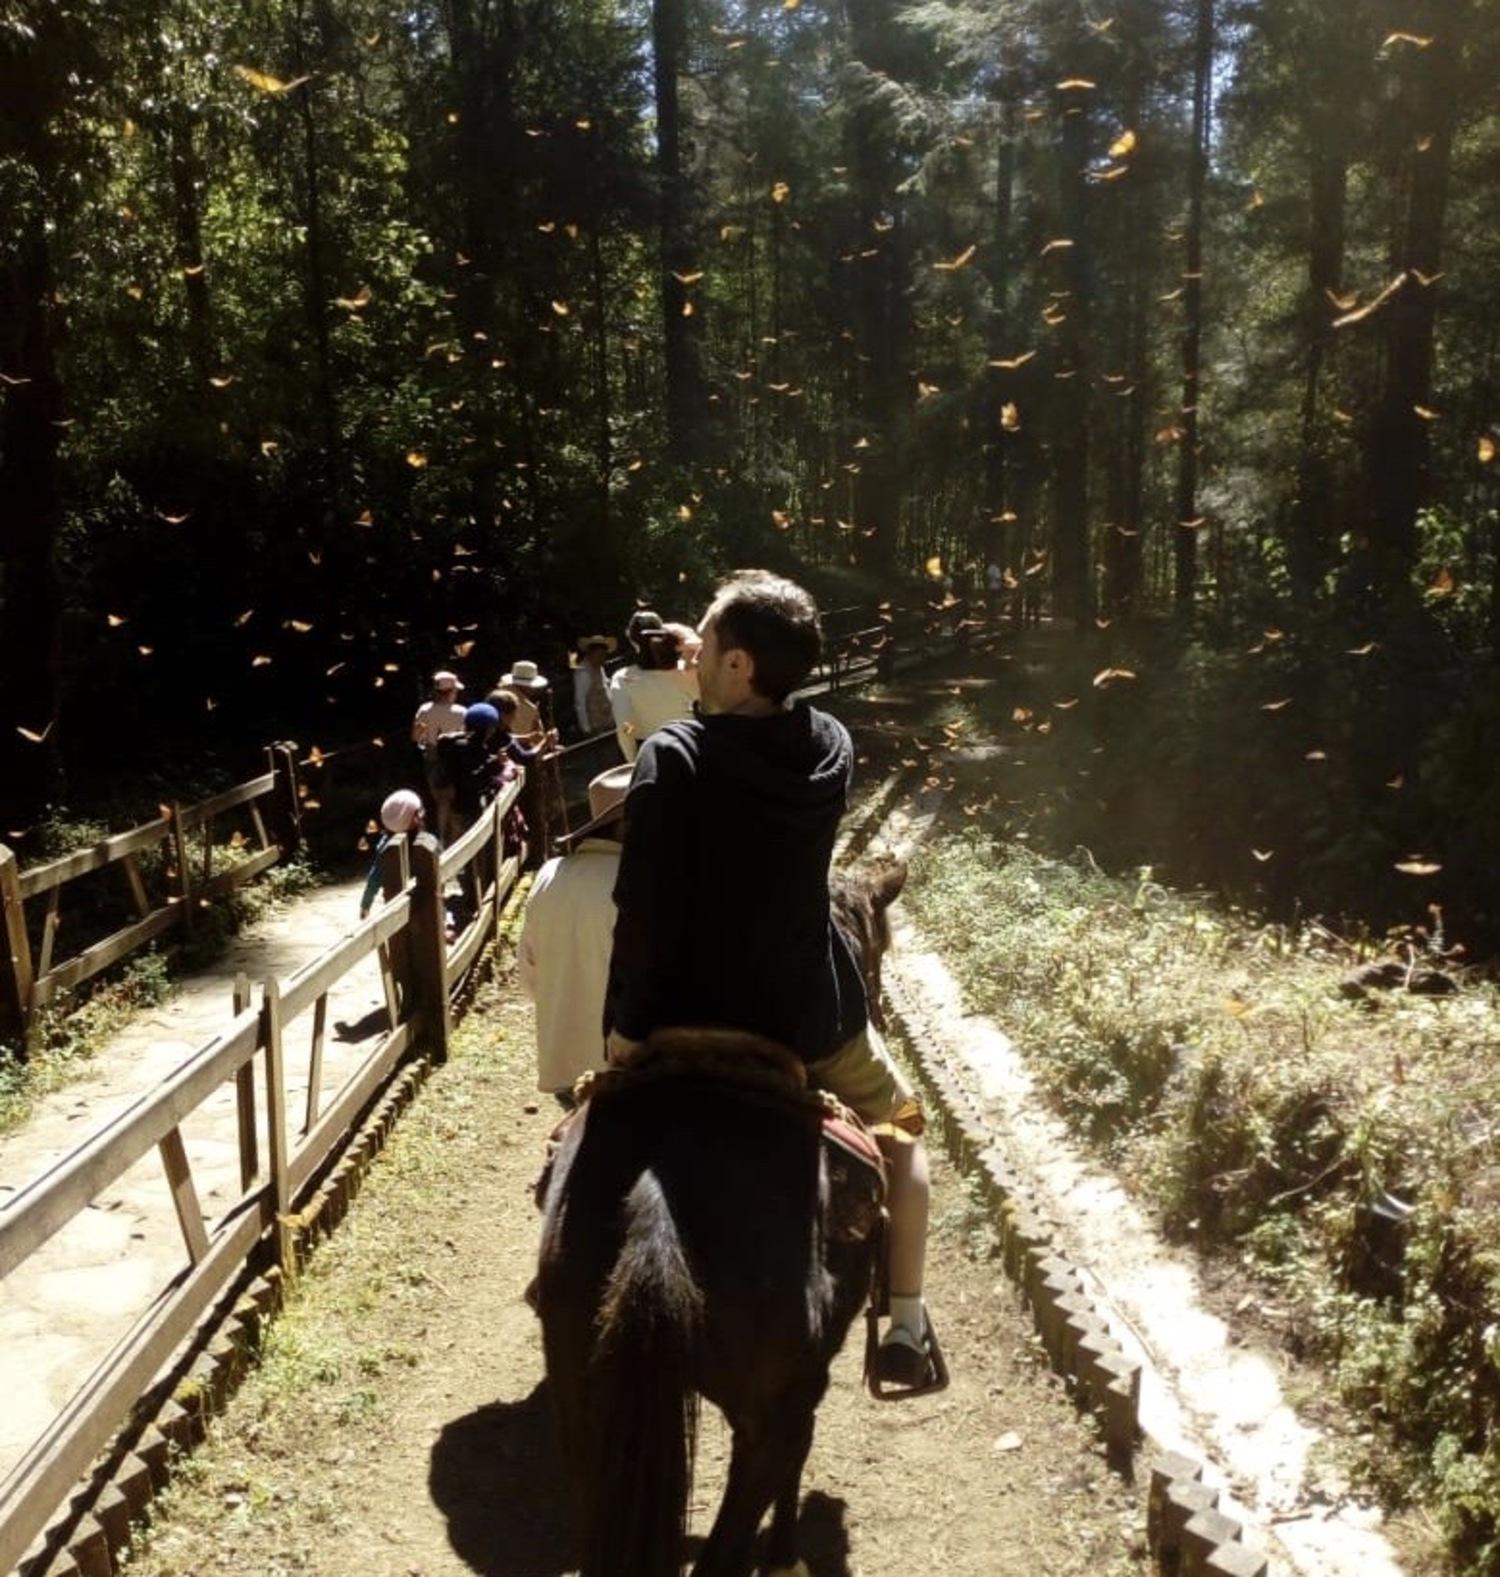 Visita al santuario de la mariposa monarca en valle de bravo